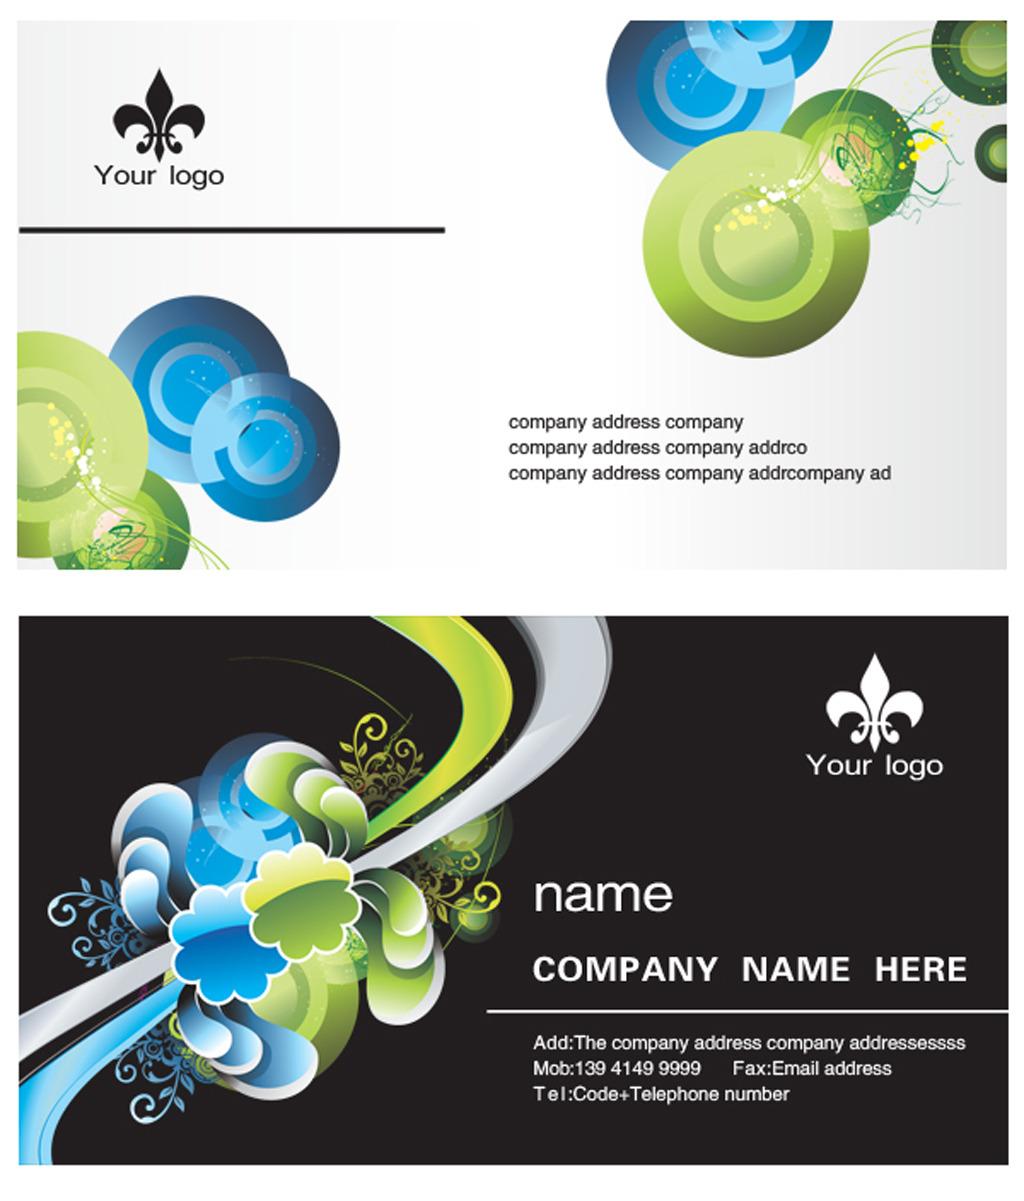 广告设计名片艺术名片商业企业个人艺术